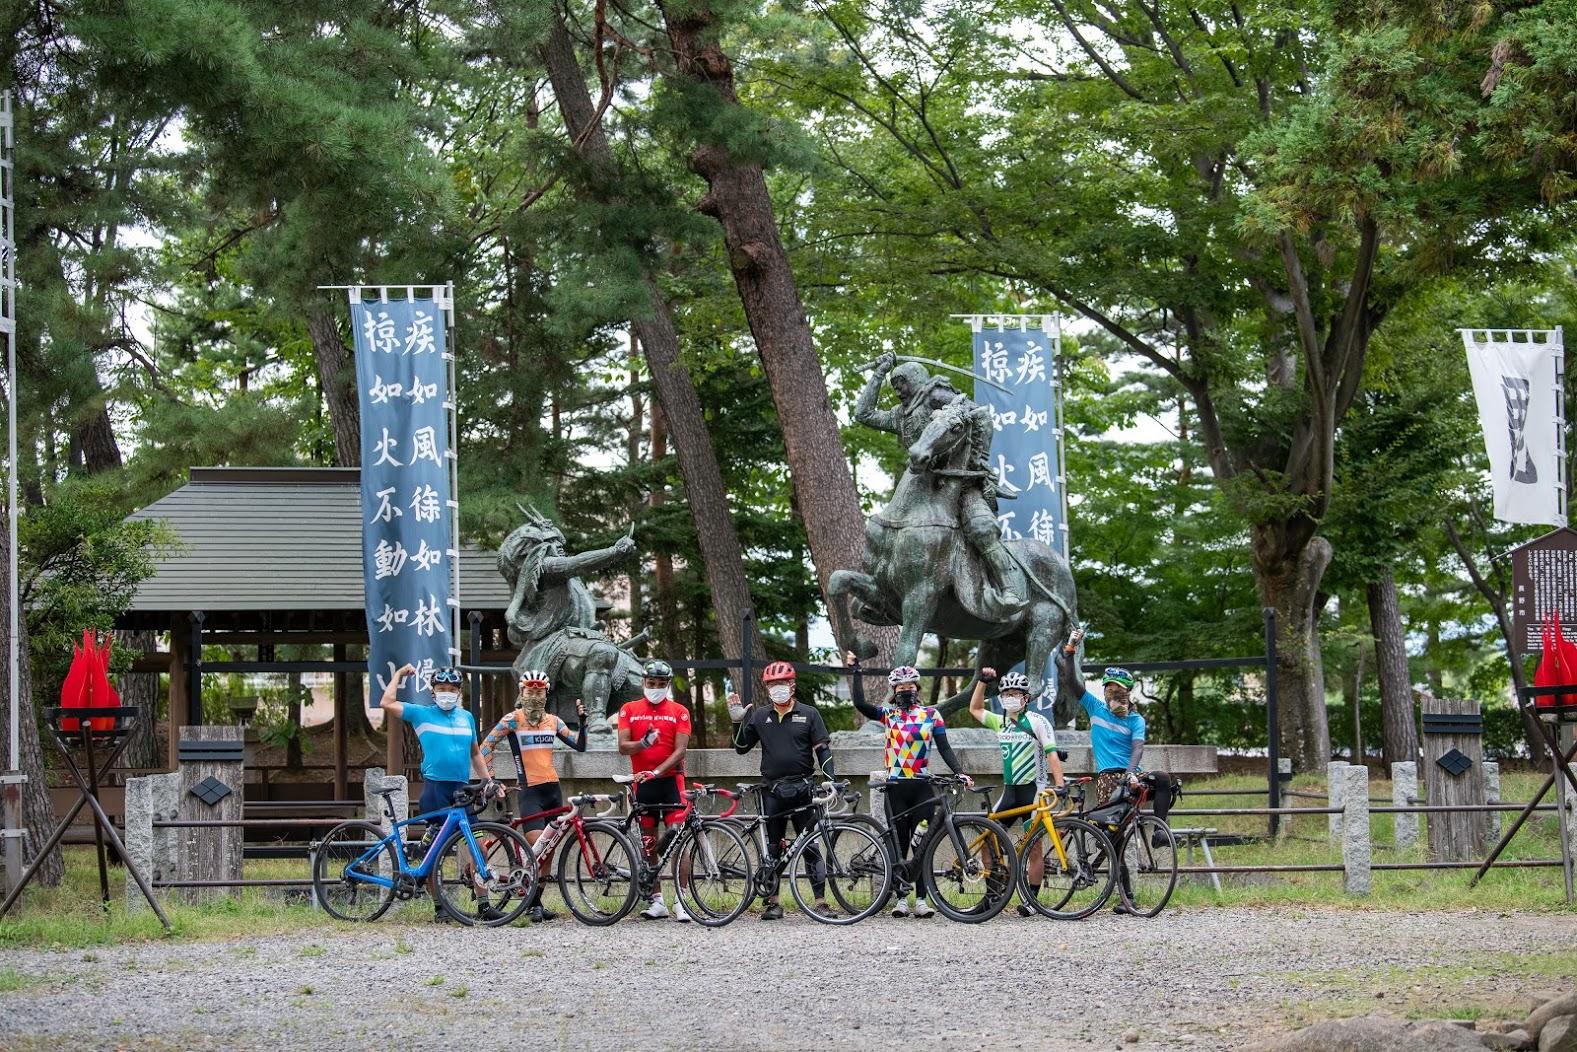 川中島の戦いを再現した銅像 左が武田信玄、右が上杉謙信